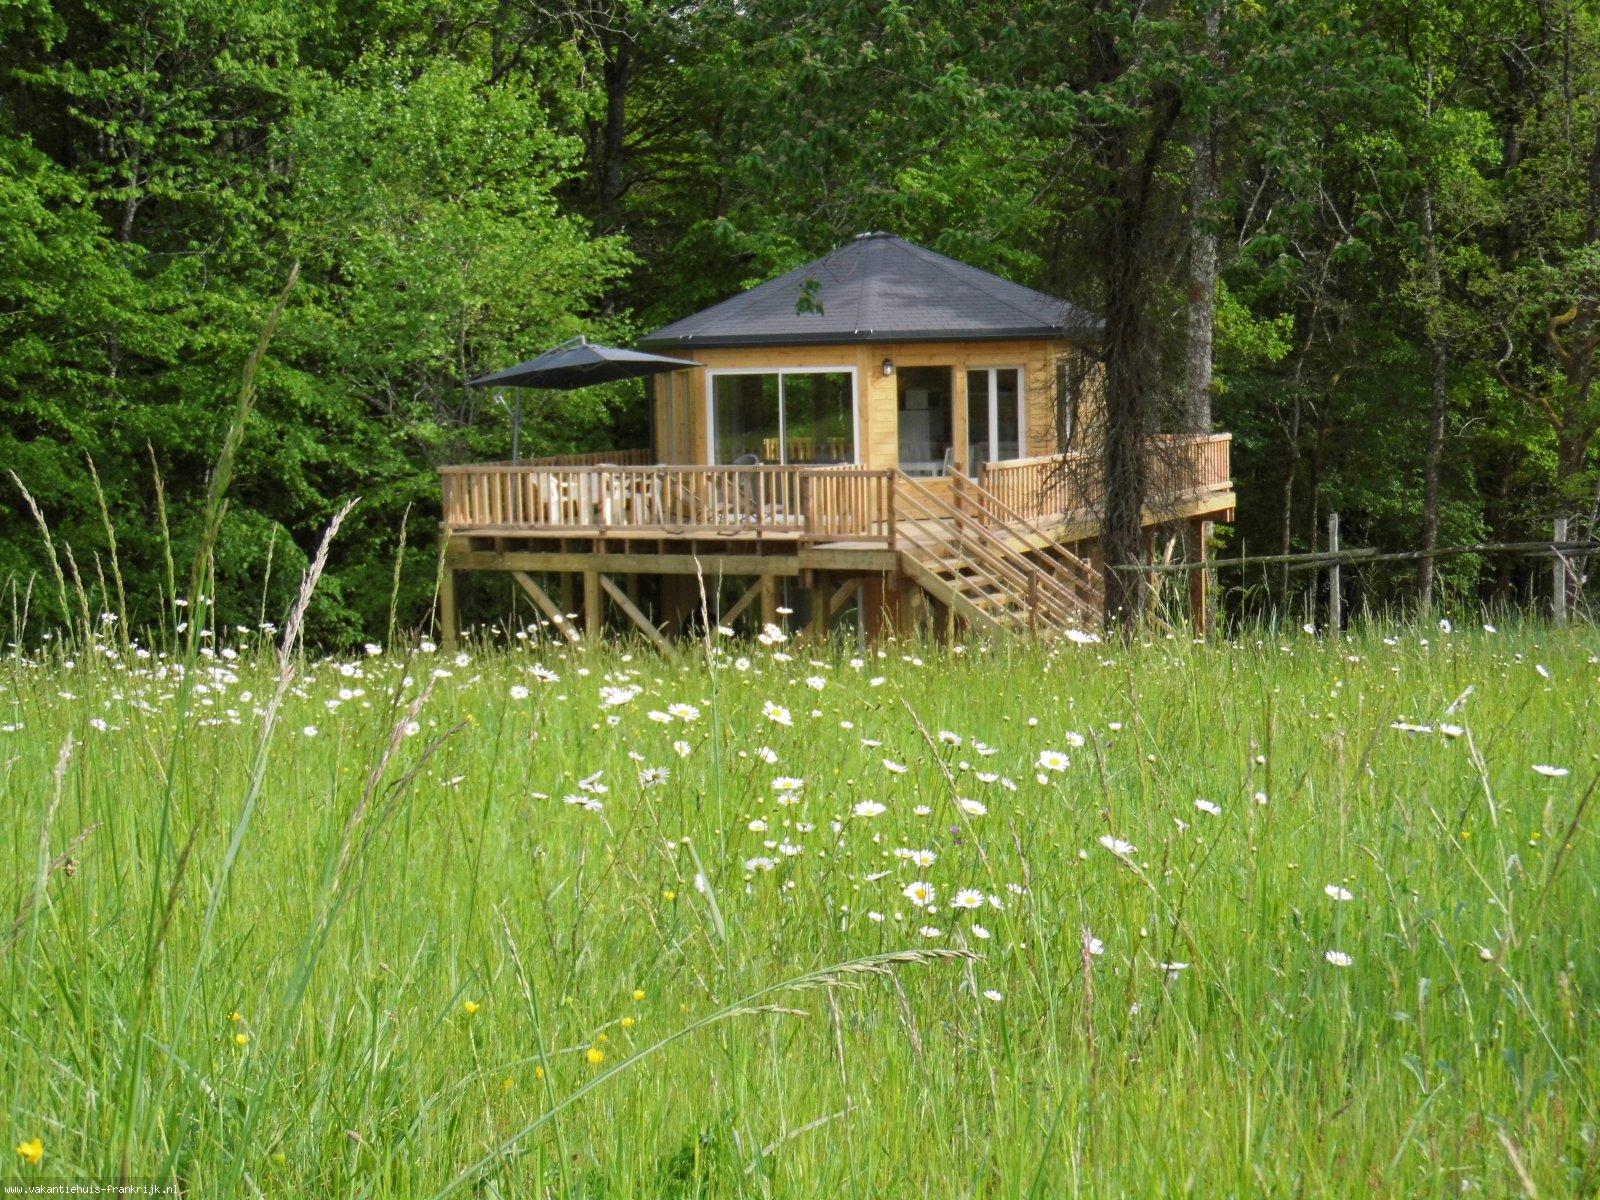 Vakantiehuis: Dordogne. kleinschalig, kindvriendelijk vakantiepark te huur voor uw vakantie in Dordogne (Frankrijk)